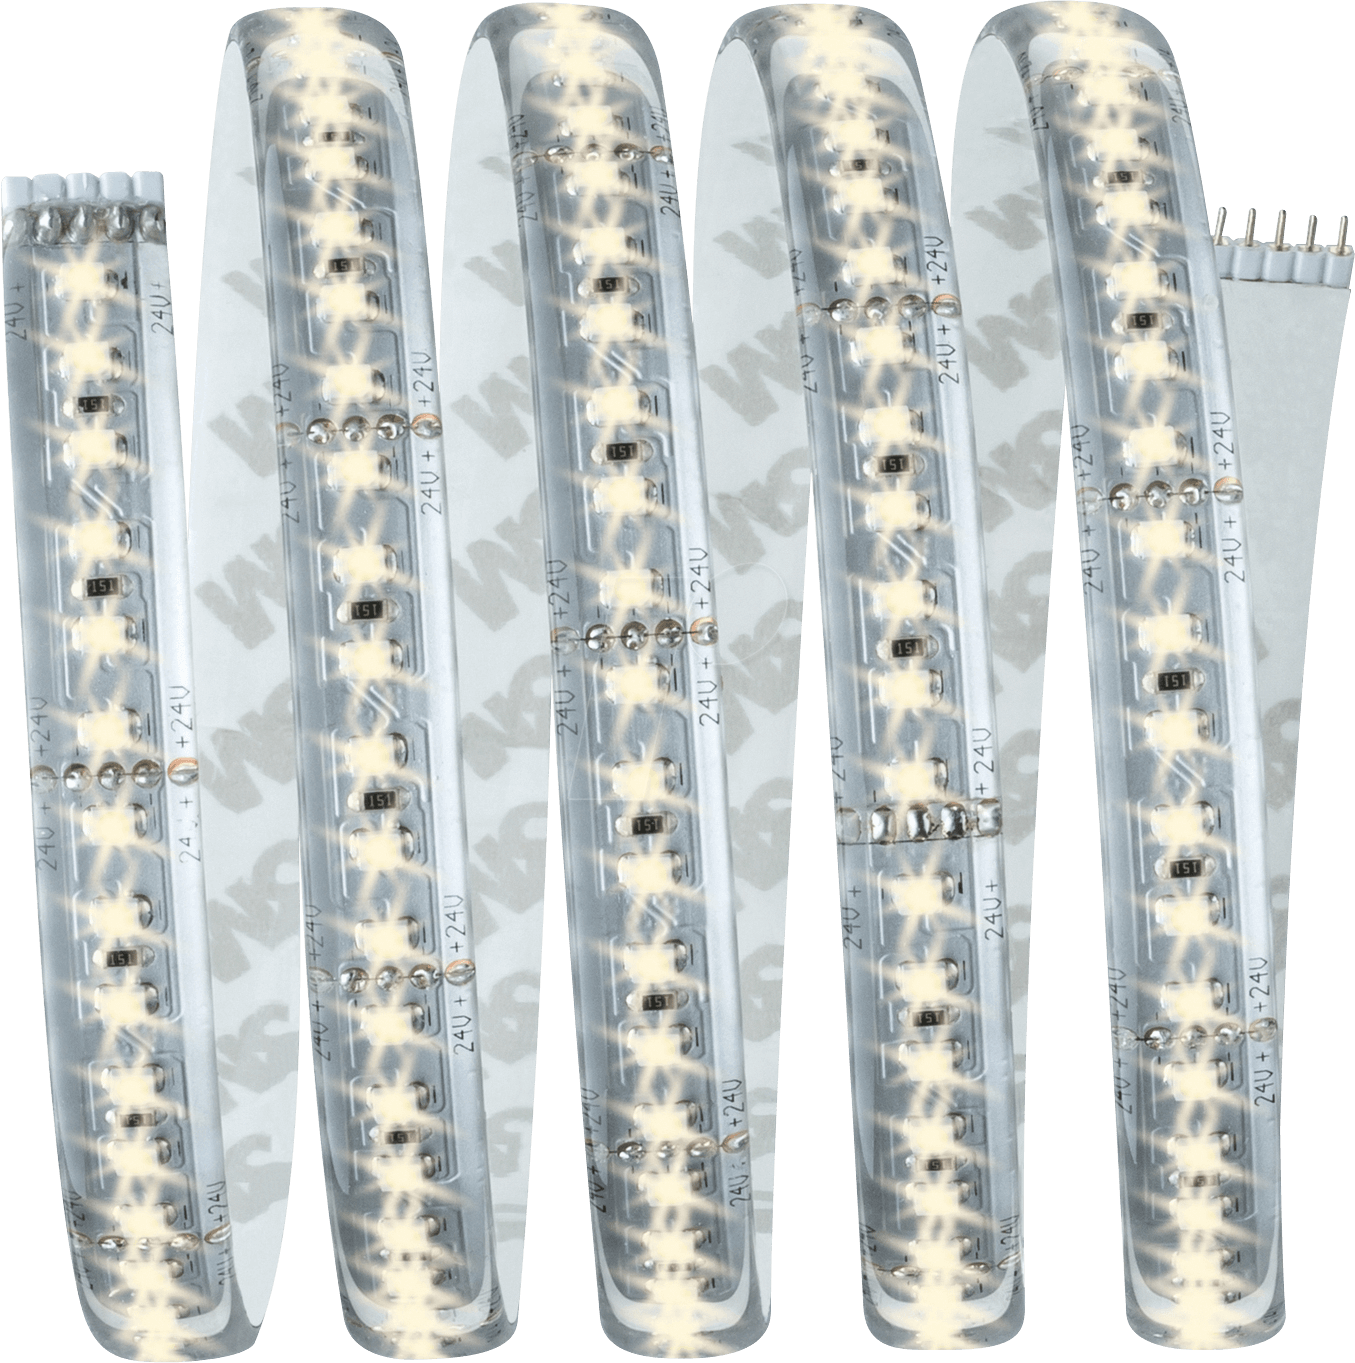 PLM 70800: LED-Streifen MaxLED, 23 W, 1650 Lm, Warmweiß